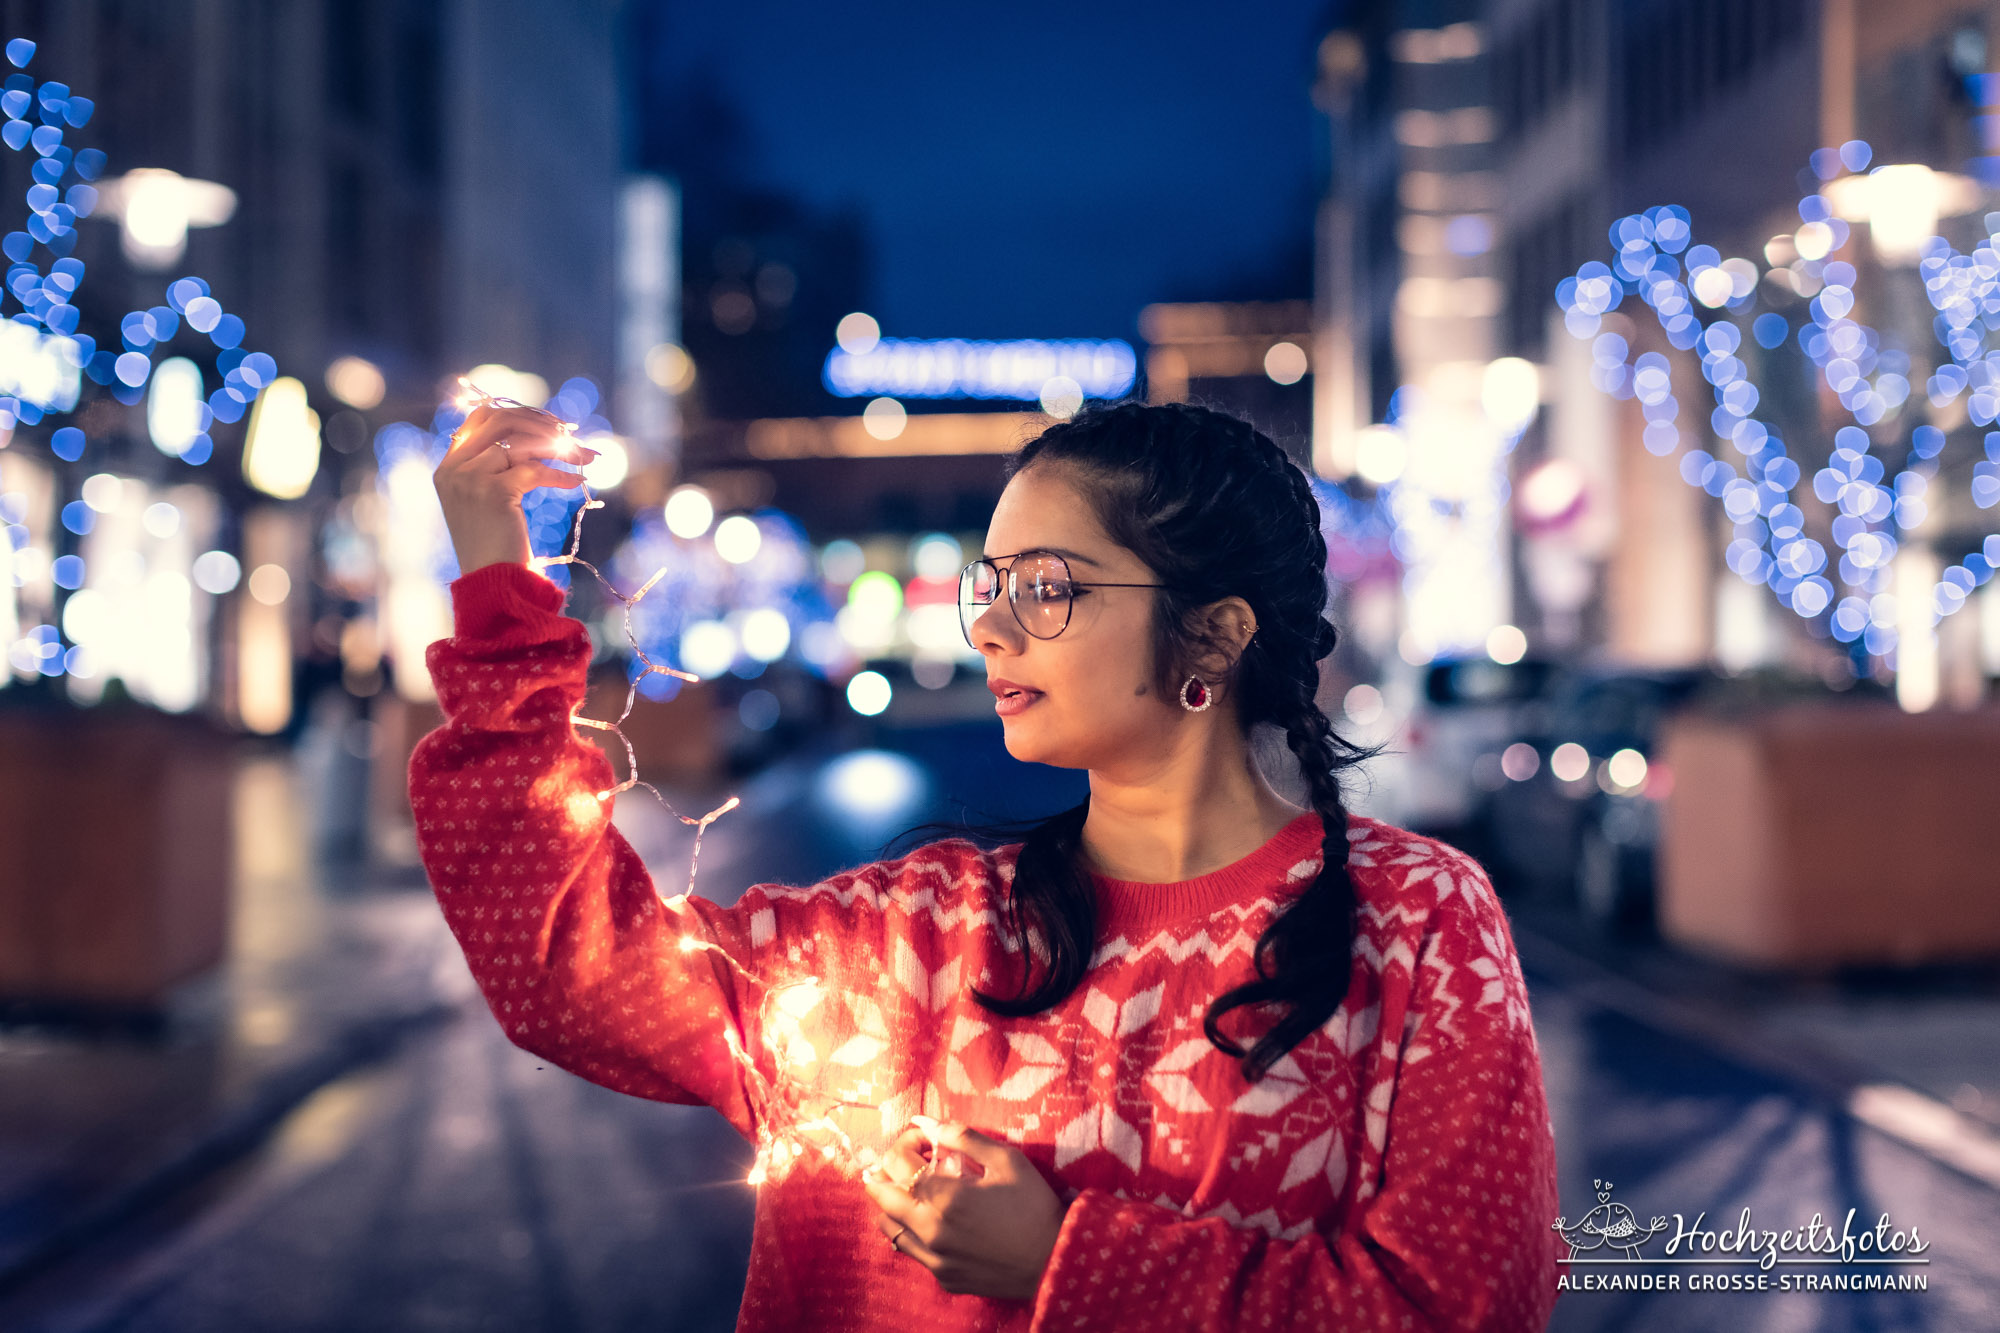 Fotoshooting auf dem Weihnachtsmarkt in Hannover